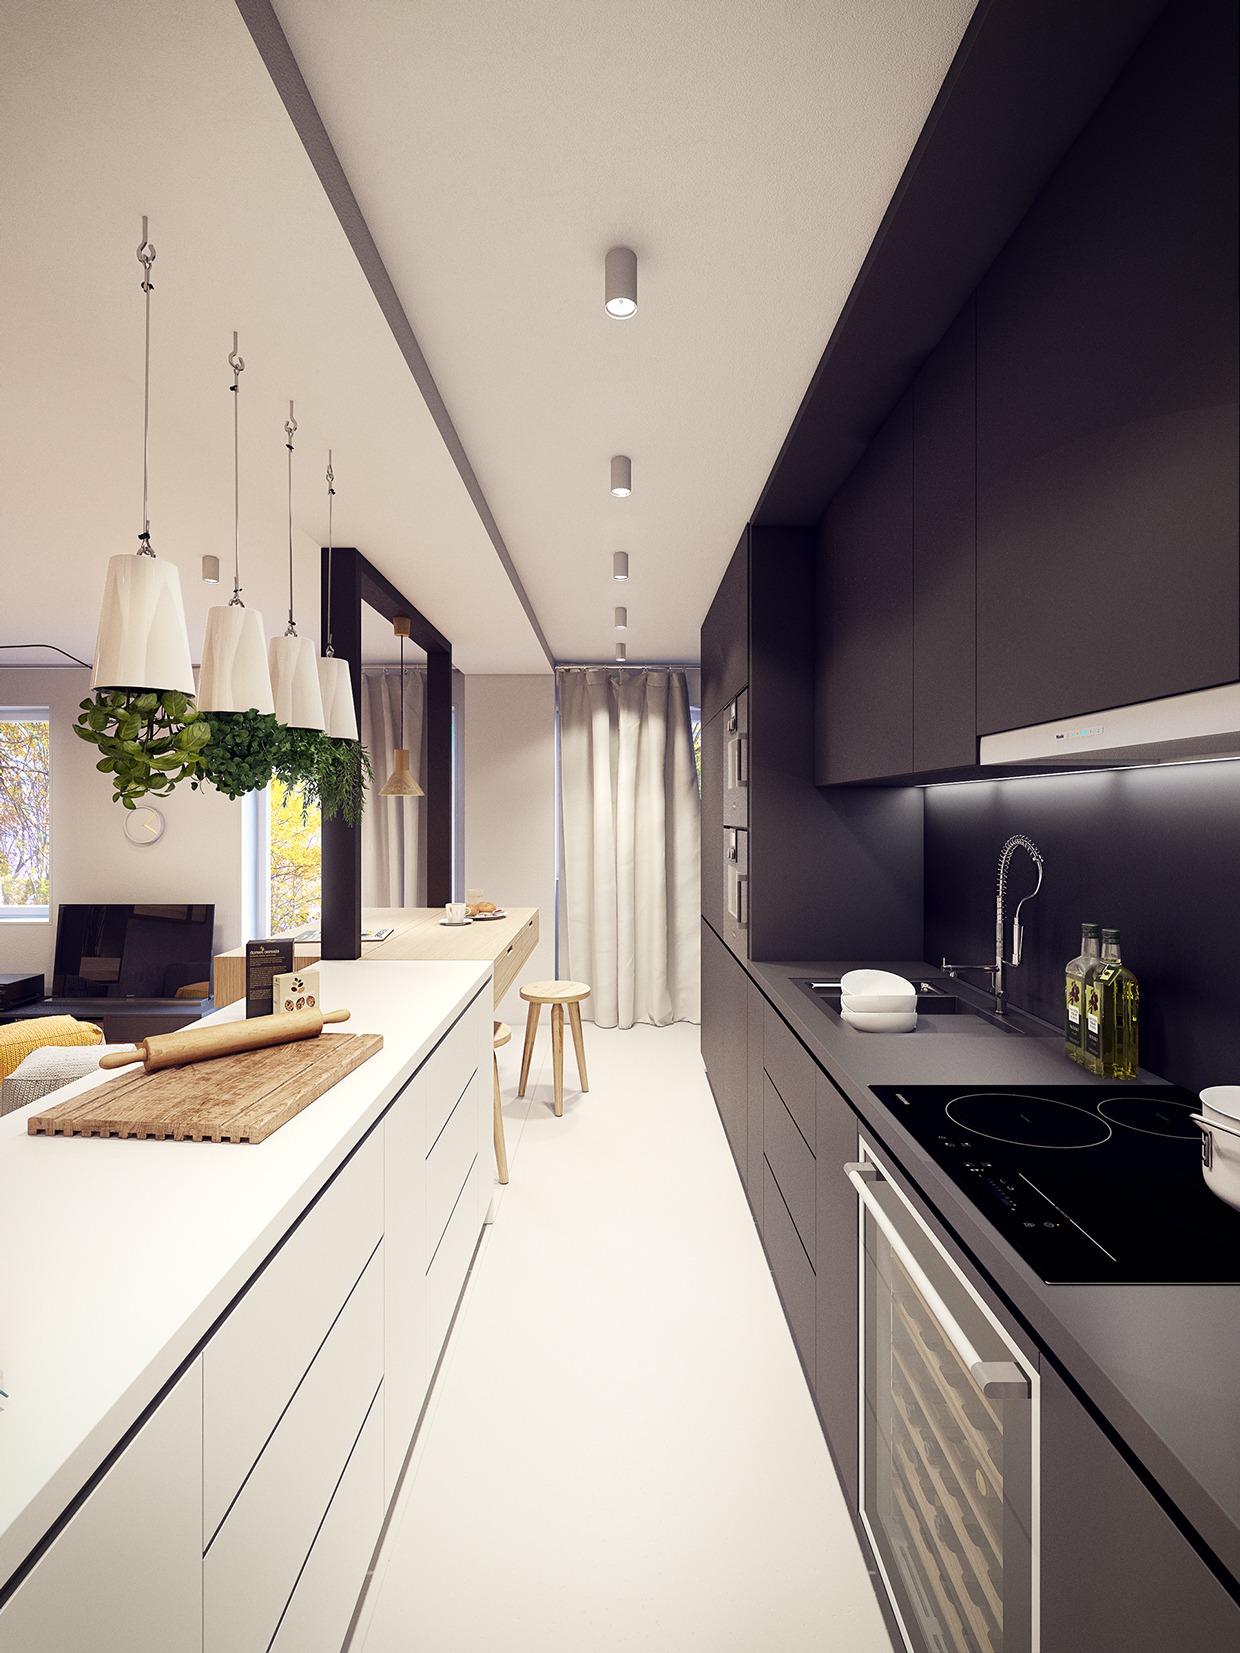 Wedo thiết kế nội thất nhà bếp đẹp lấy cảm hứng từ xu hướng thiết kế từ những năm 60